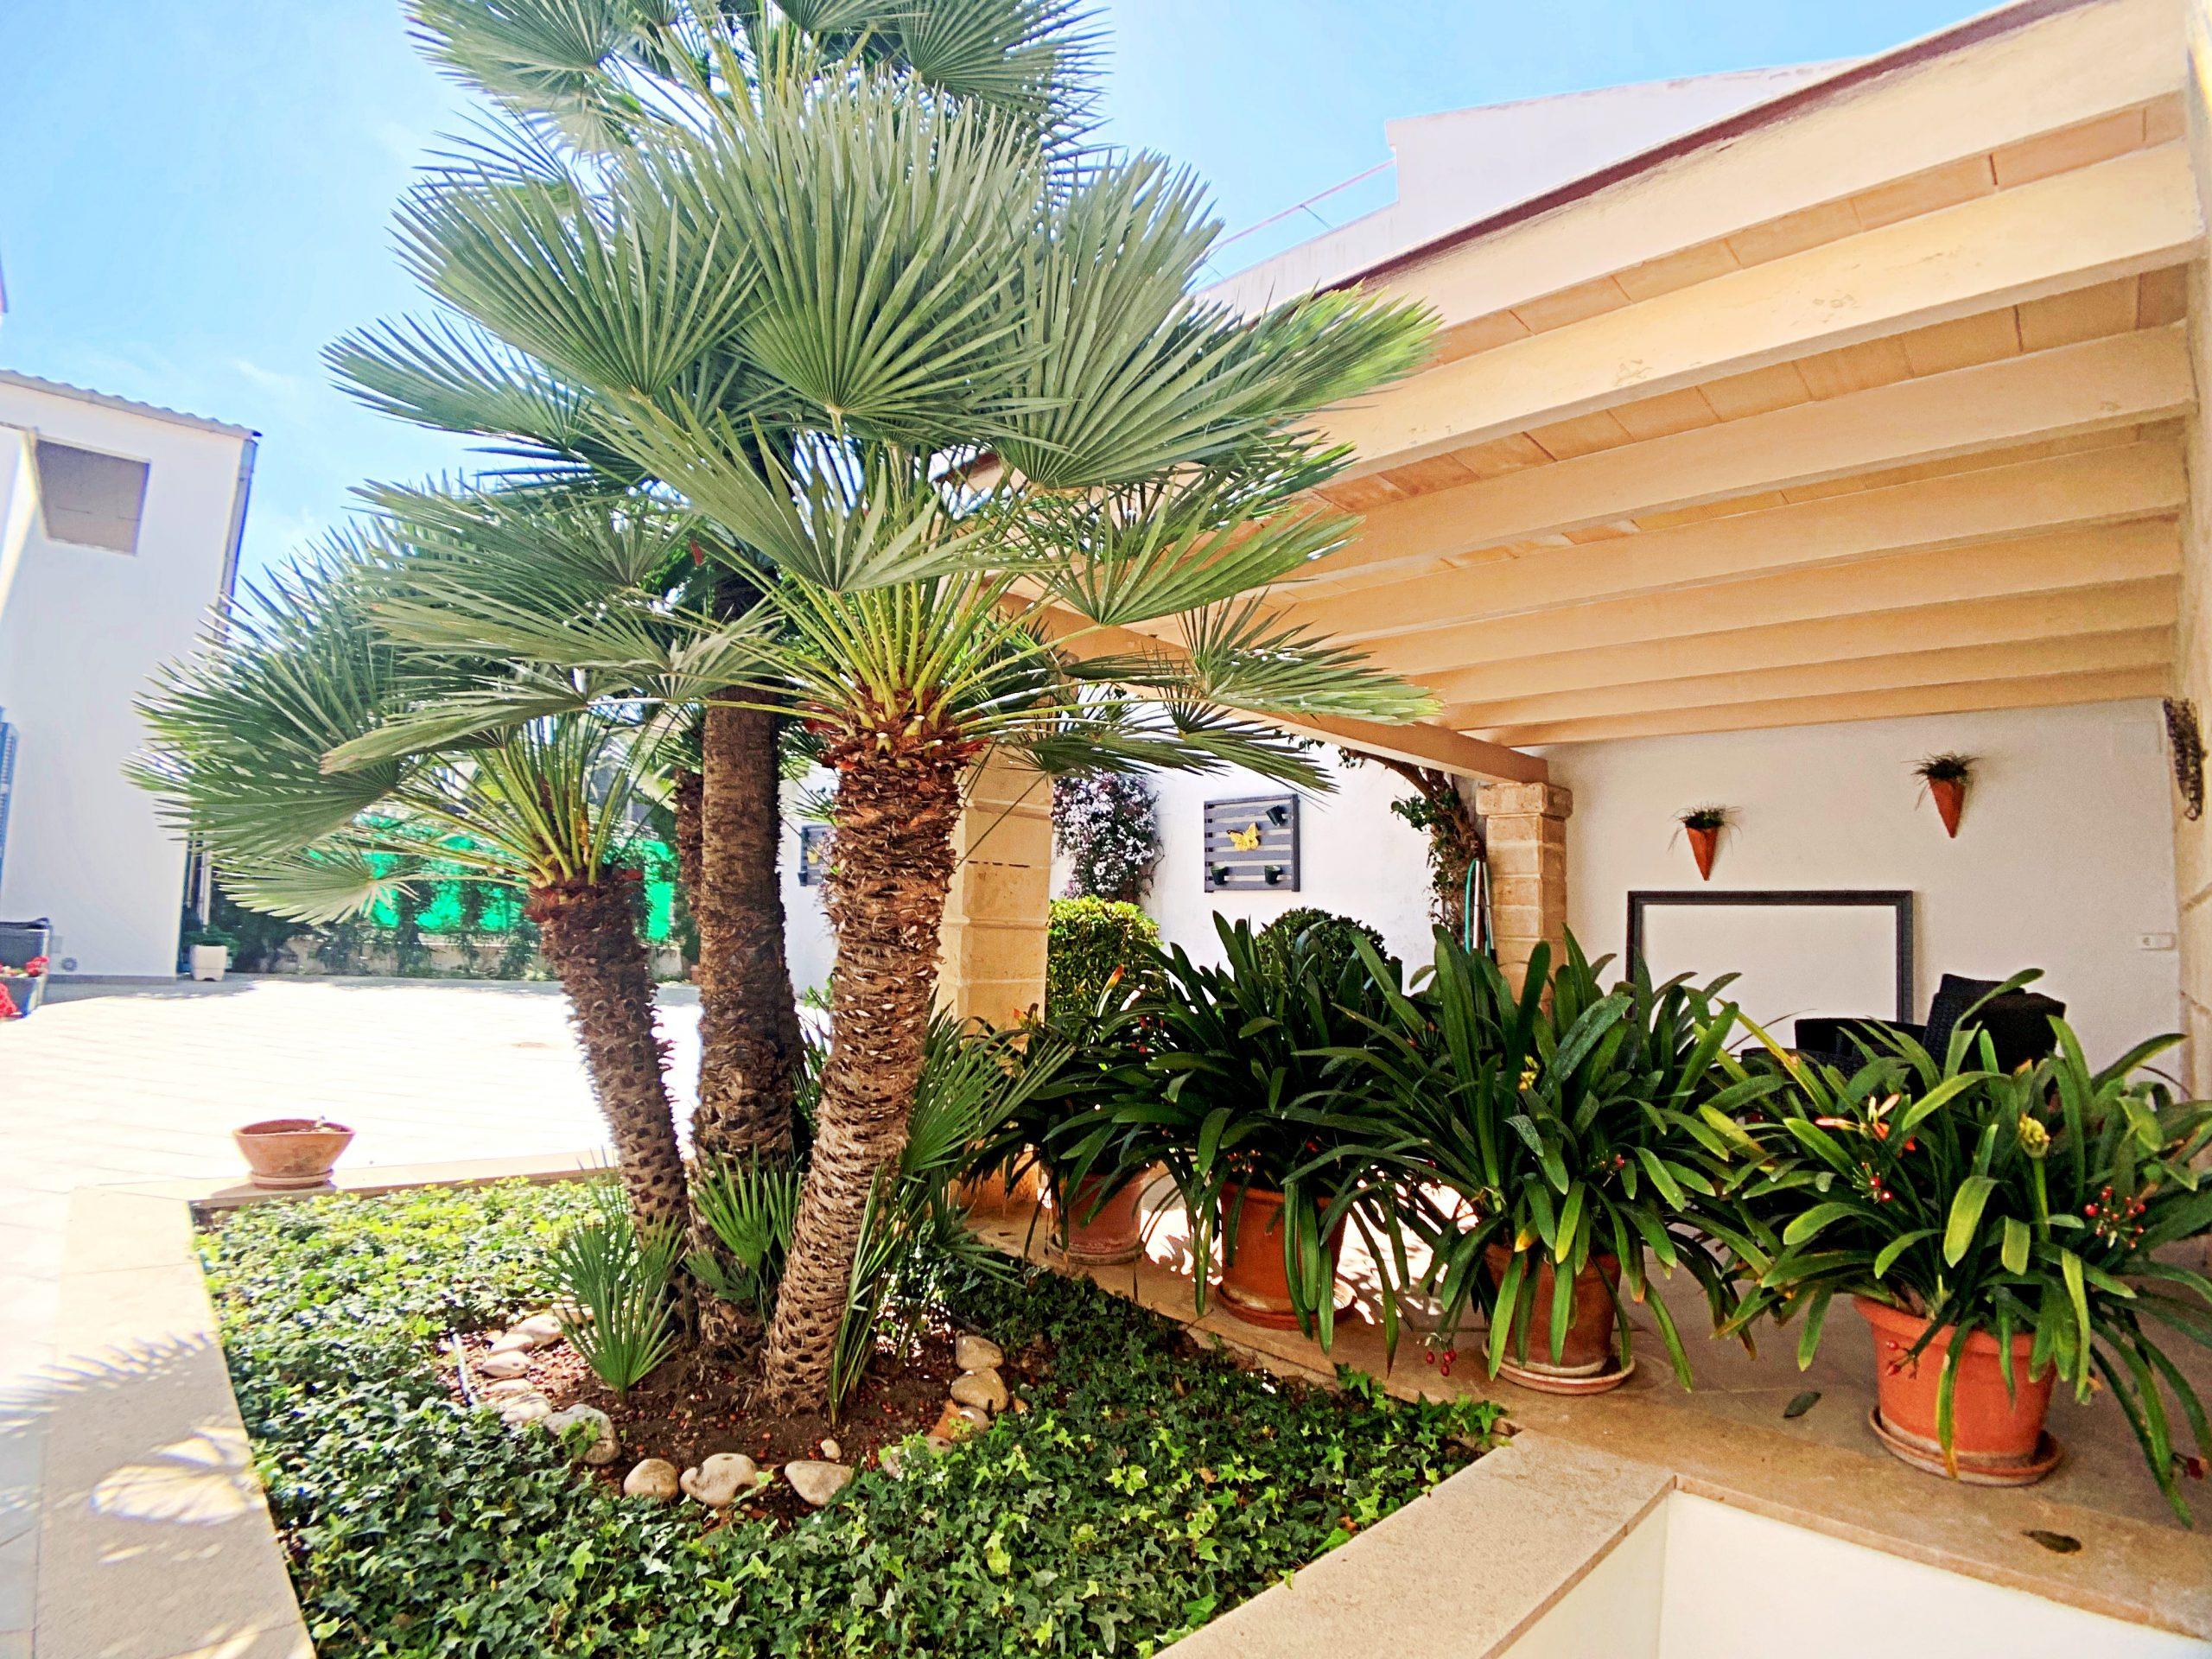 Casa de pueblo con garaje para 4 coches en Son Servera